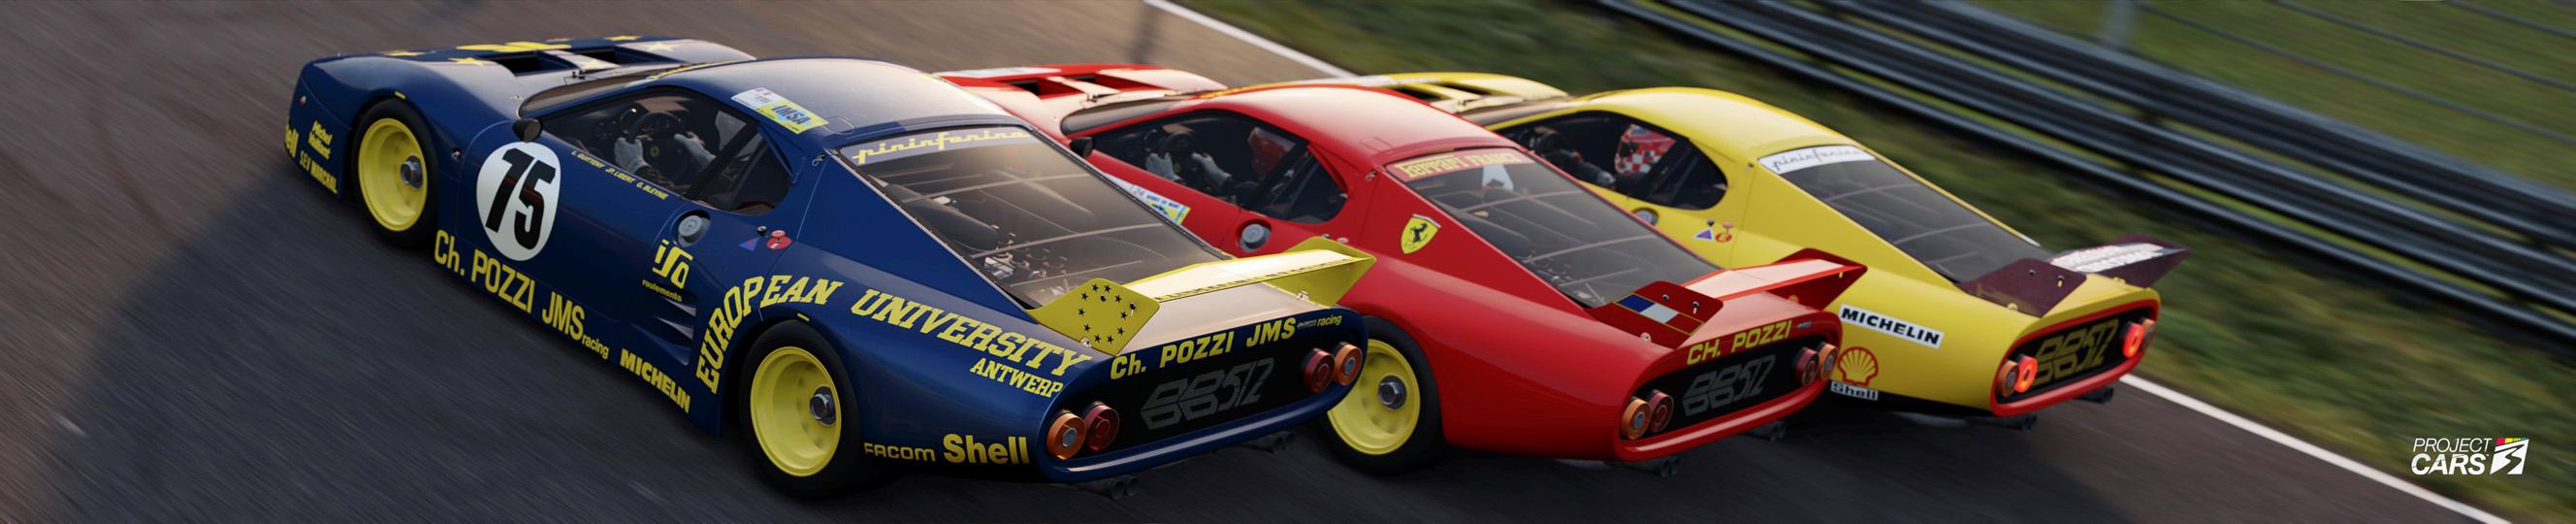 00a PROJECT CARS 3 FERRARI 512 BB LM at NORDS crop copy.jpg